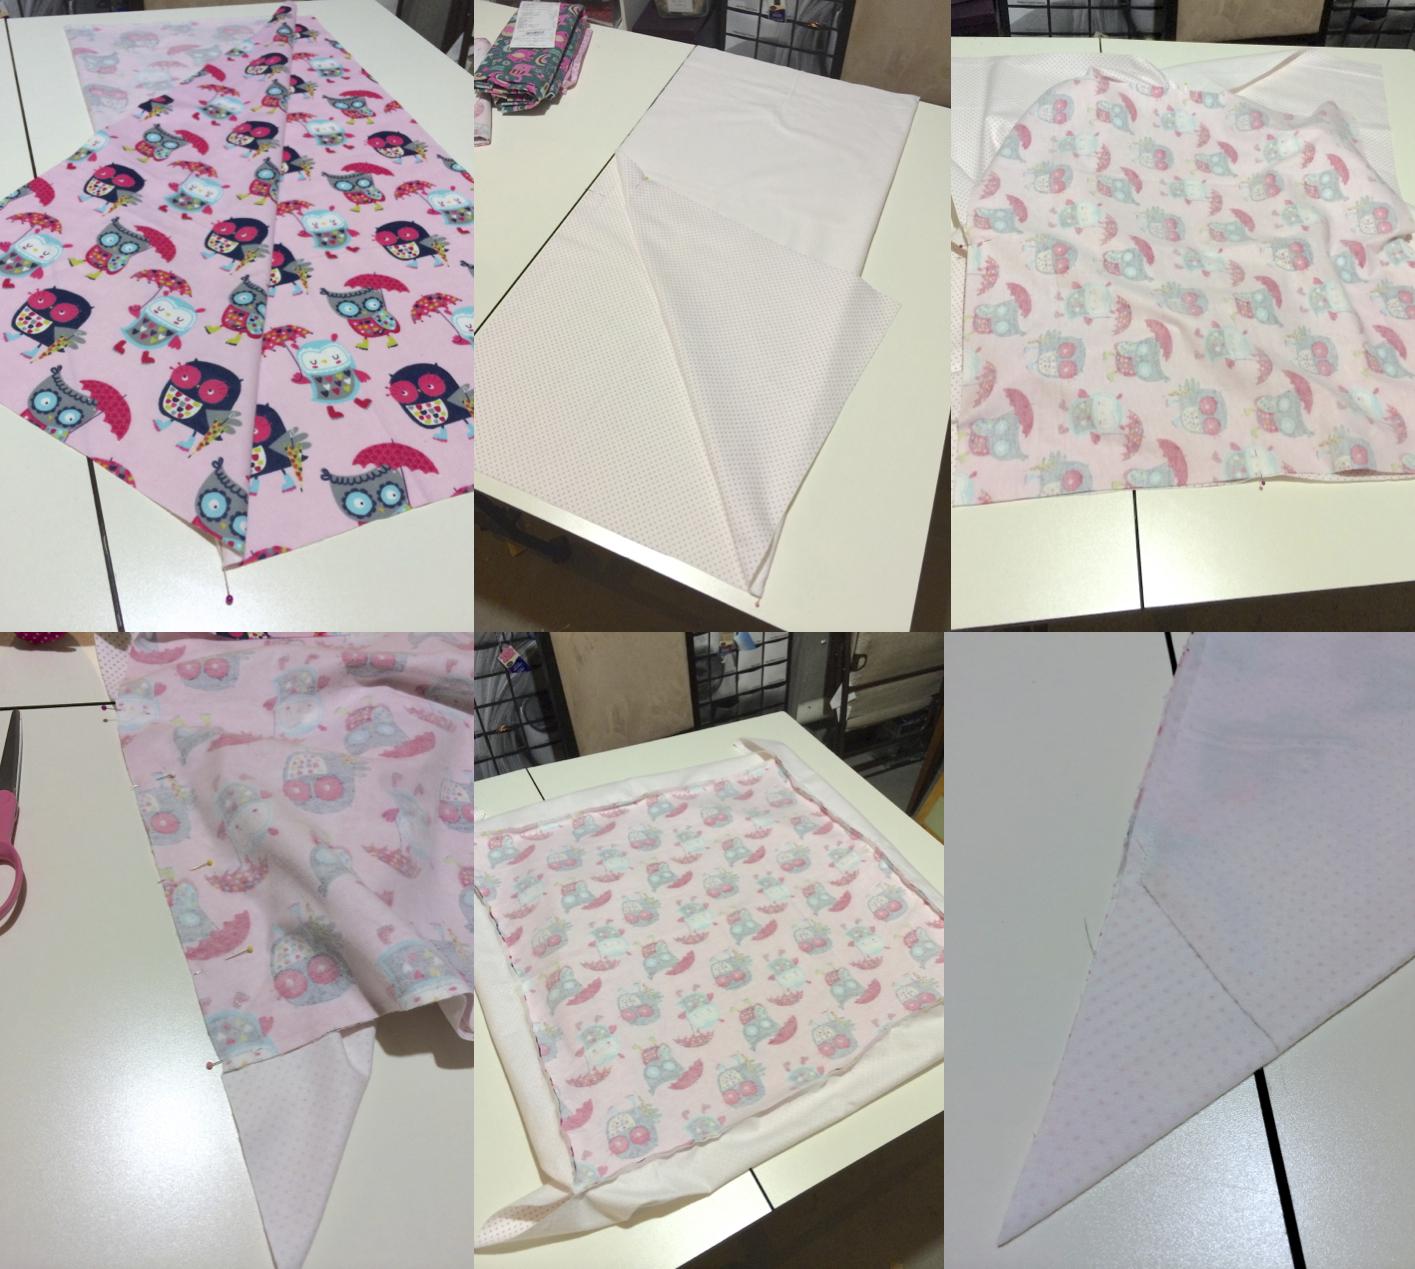 Self-Binding Receiving Blankets